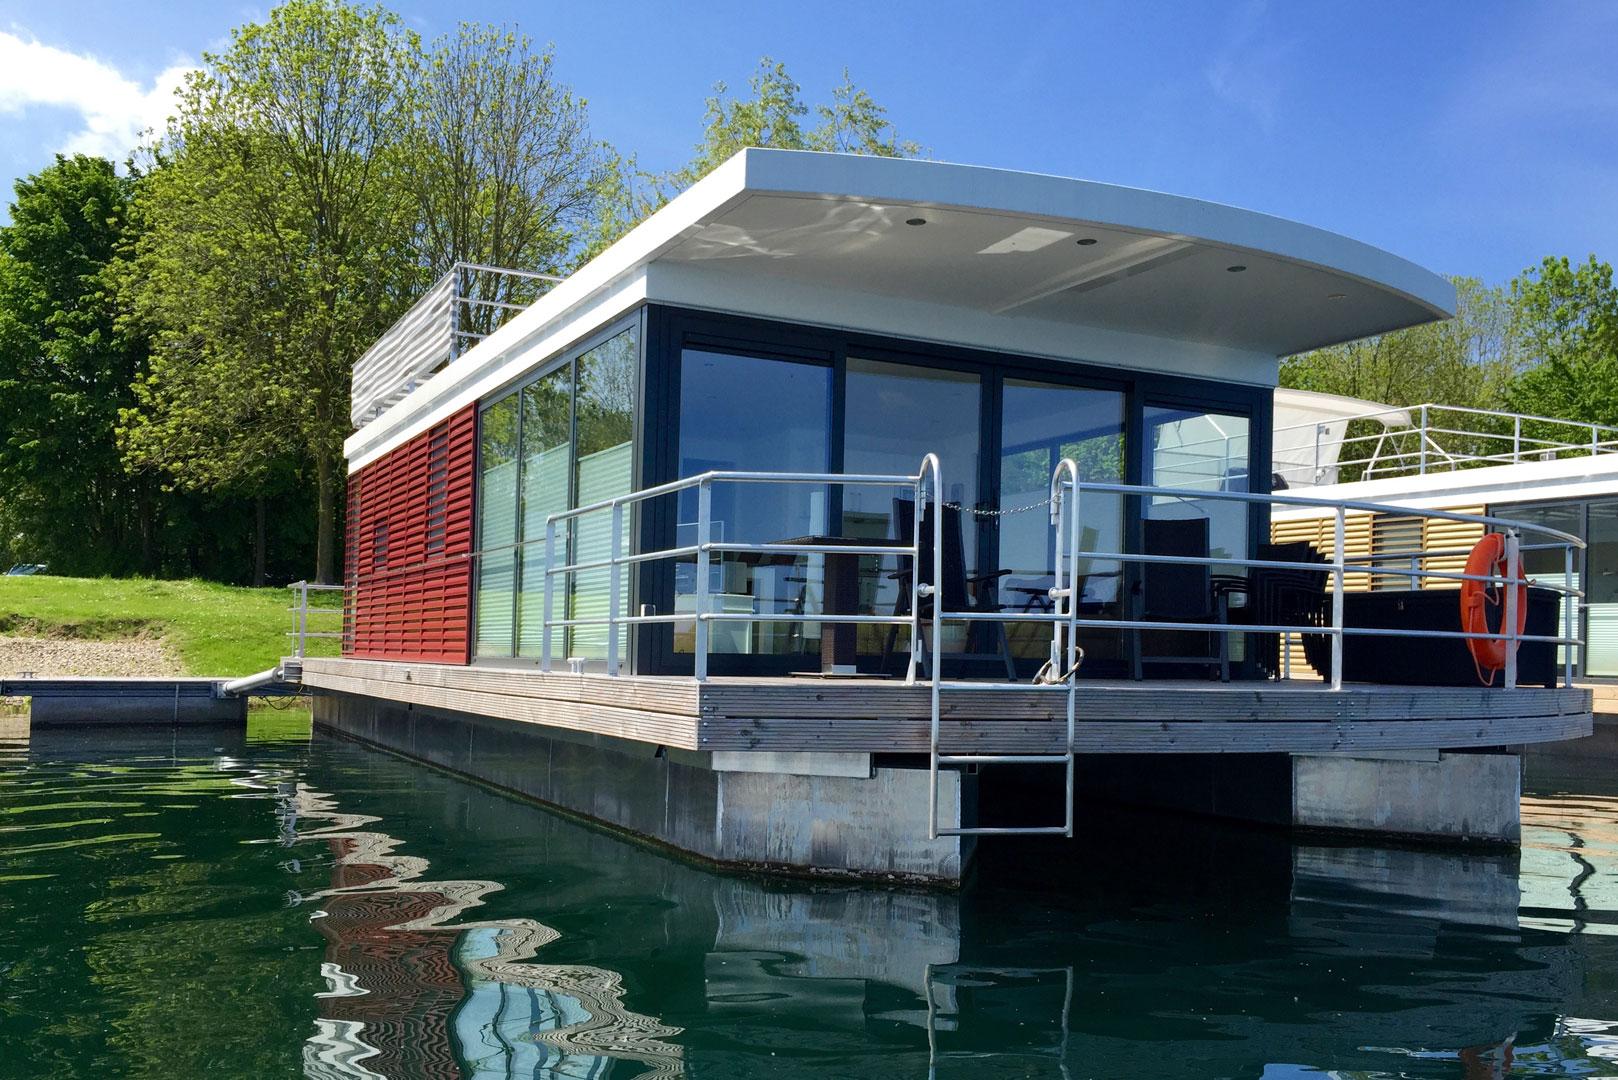 hausboot mieten hausbootferien urlaub am see ferienwohnung an der ostsee mecklenburgischen. Black Bedroom Furniture Sets. Home Design Ideas